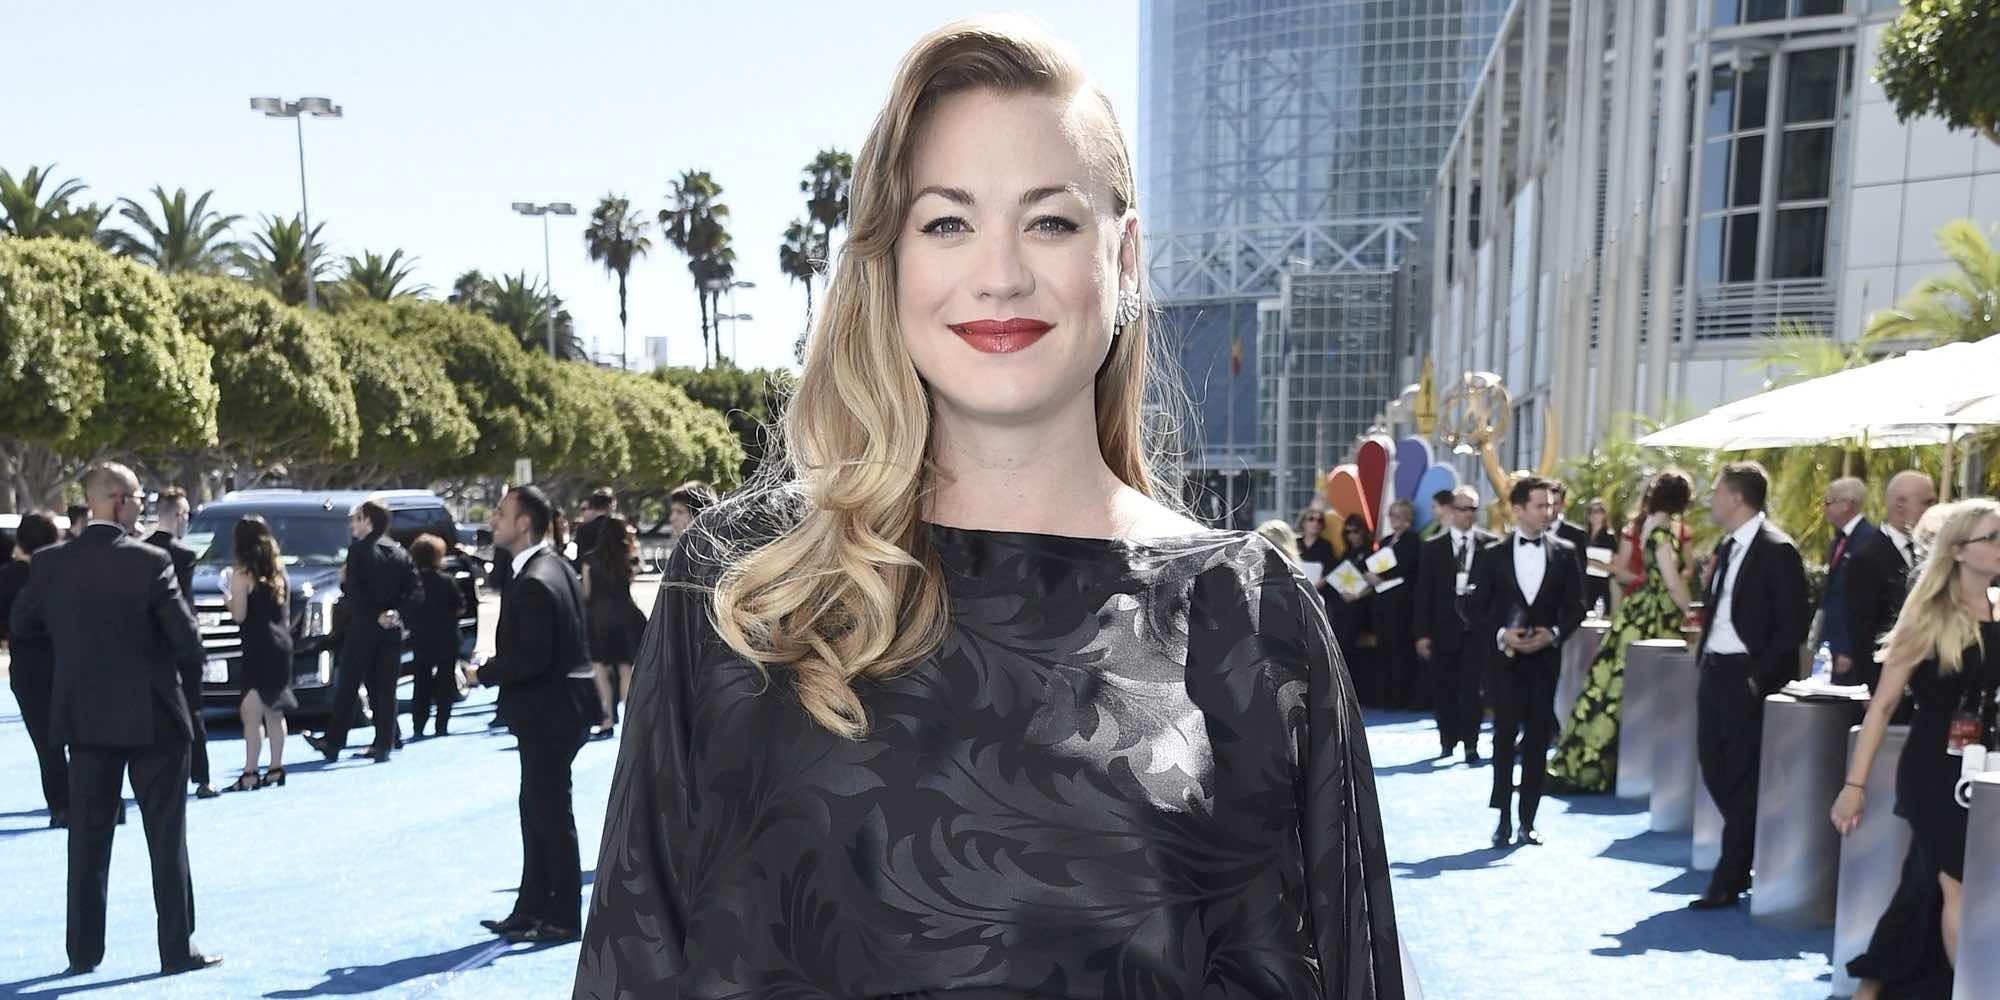 Yvonne Strahovski desvela el sexo del bebé que está esperando en la alfombra roja de los Emmys 2018